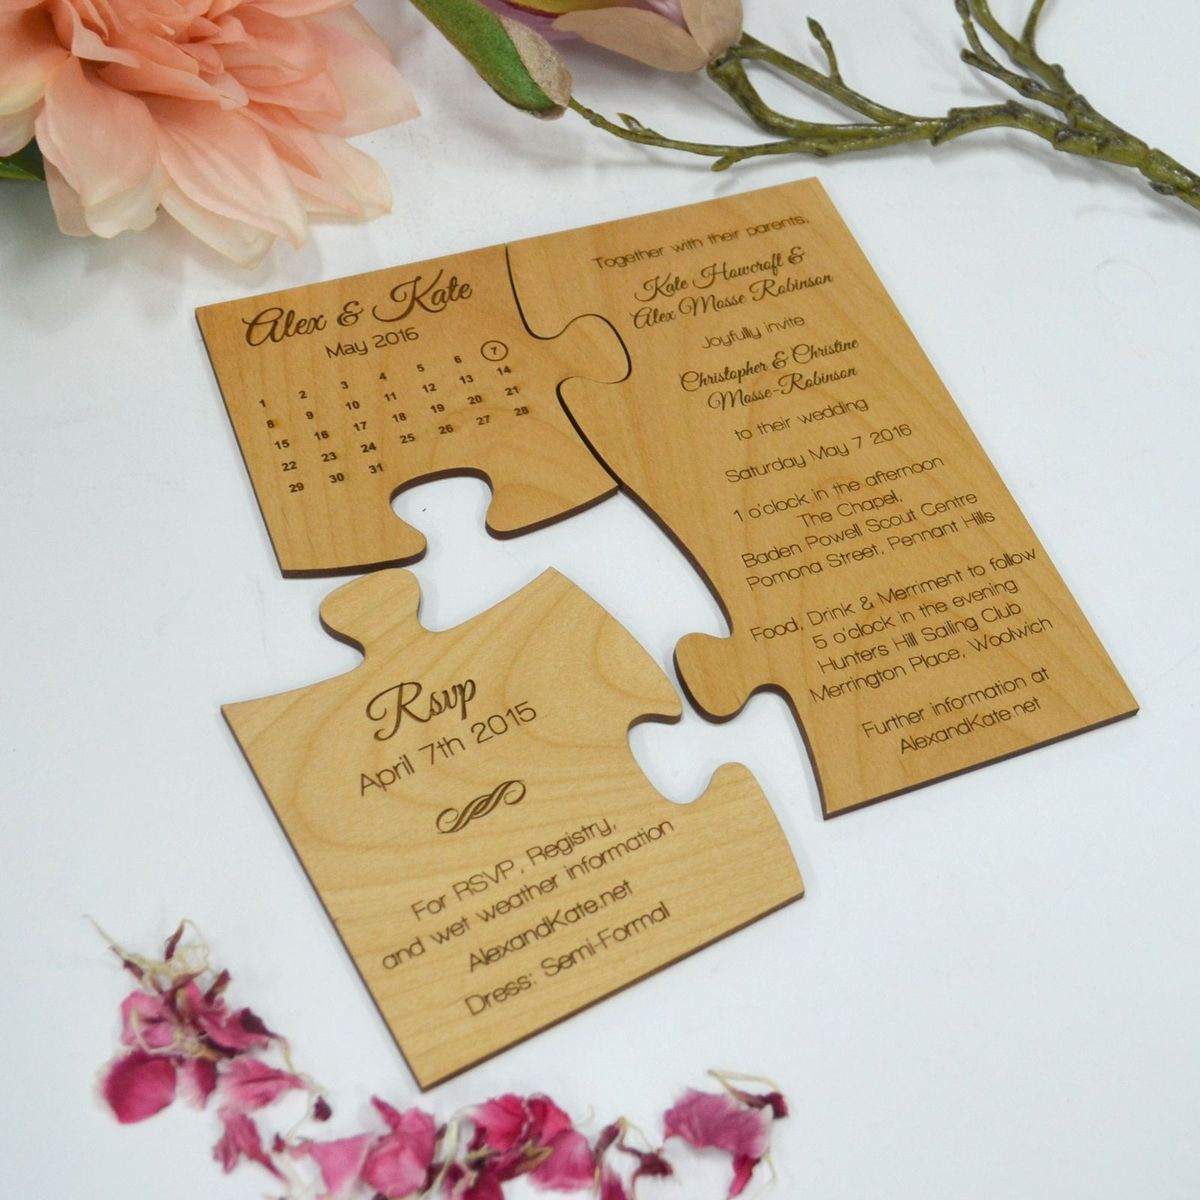 Cute Wedding card ideas